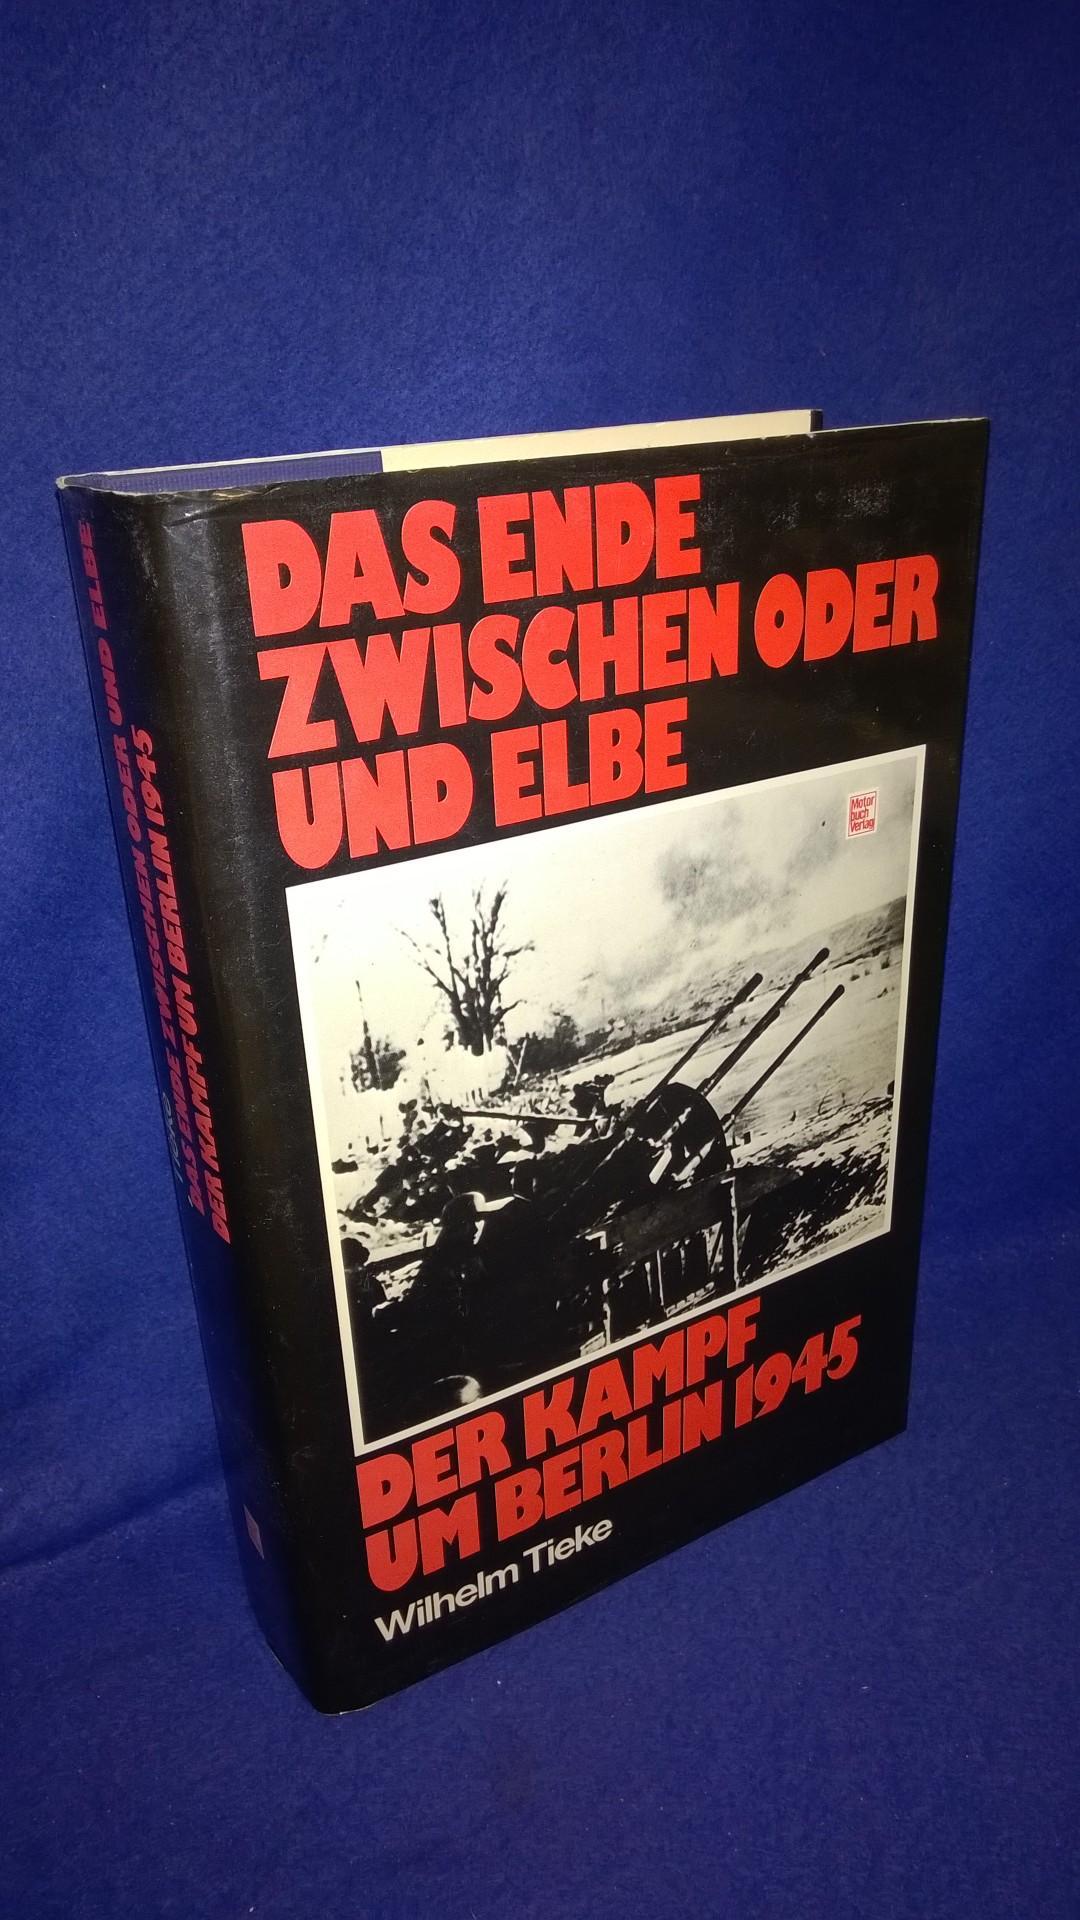 Das Ende zwischen Oder und Elbe. Der Kampf um Berlin 1945.